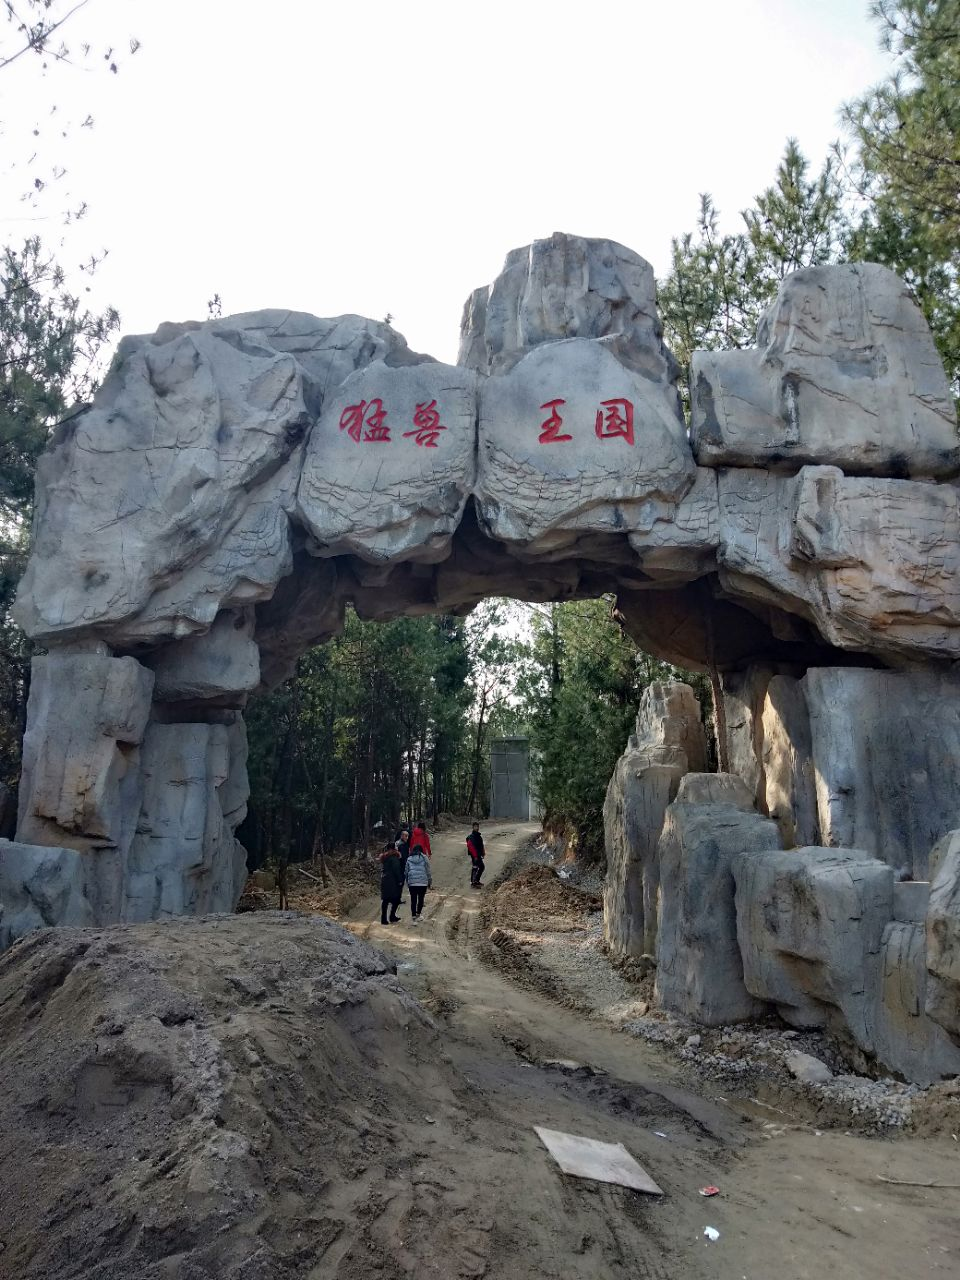 金石镇云顶野生动物园,建成开园仍然是任重道远.